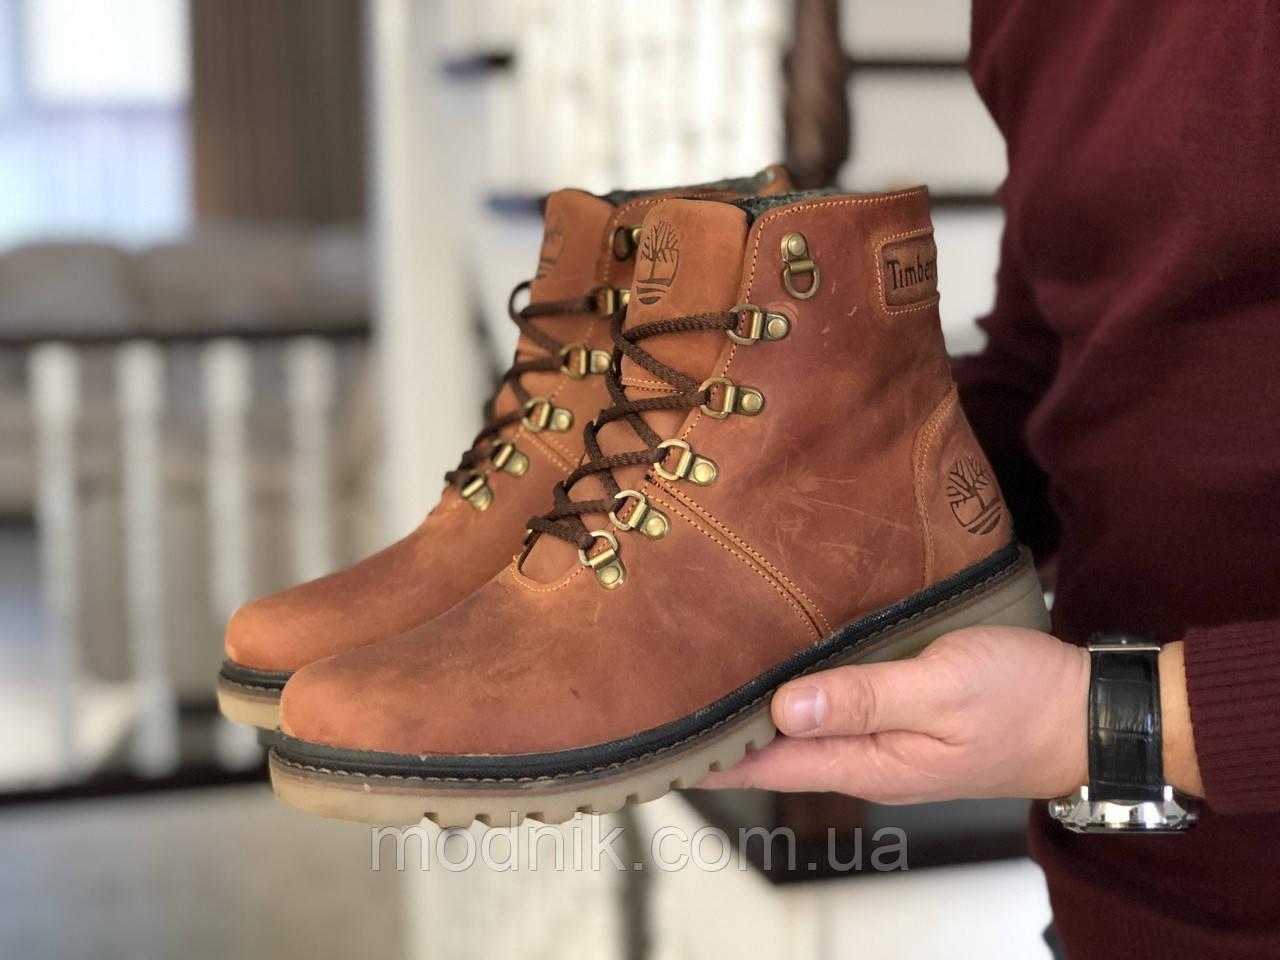 Мужские зимние ботинки Timberland (кирпичный)